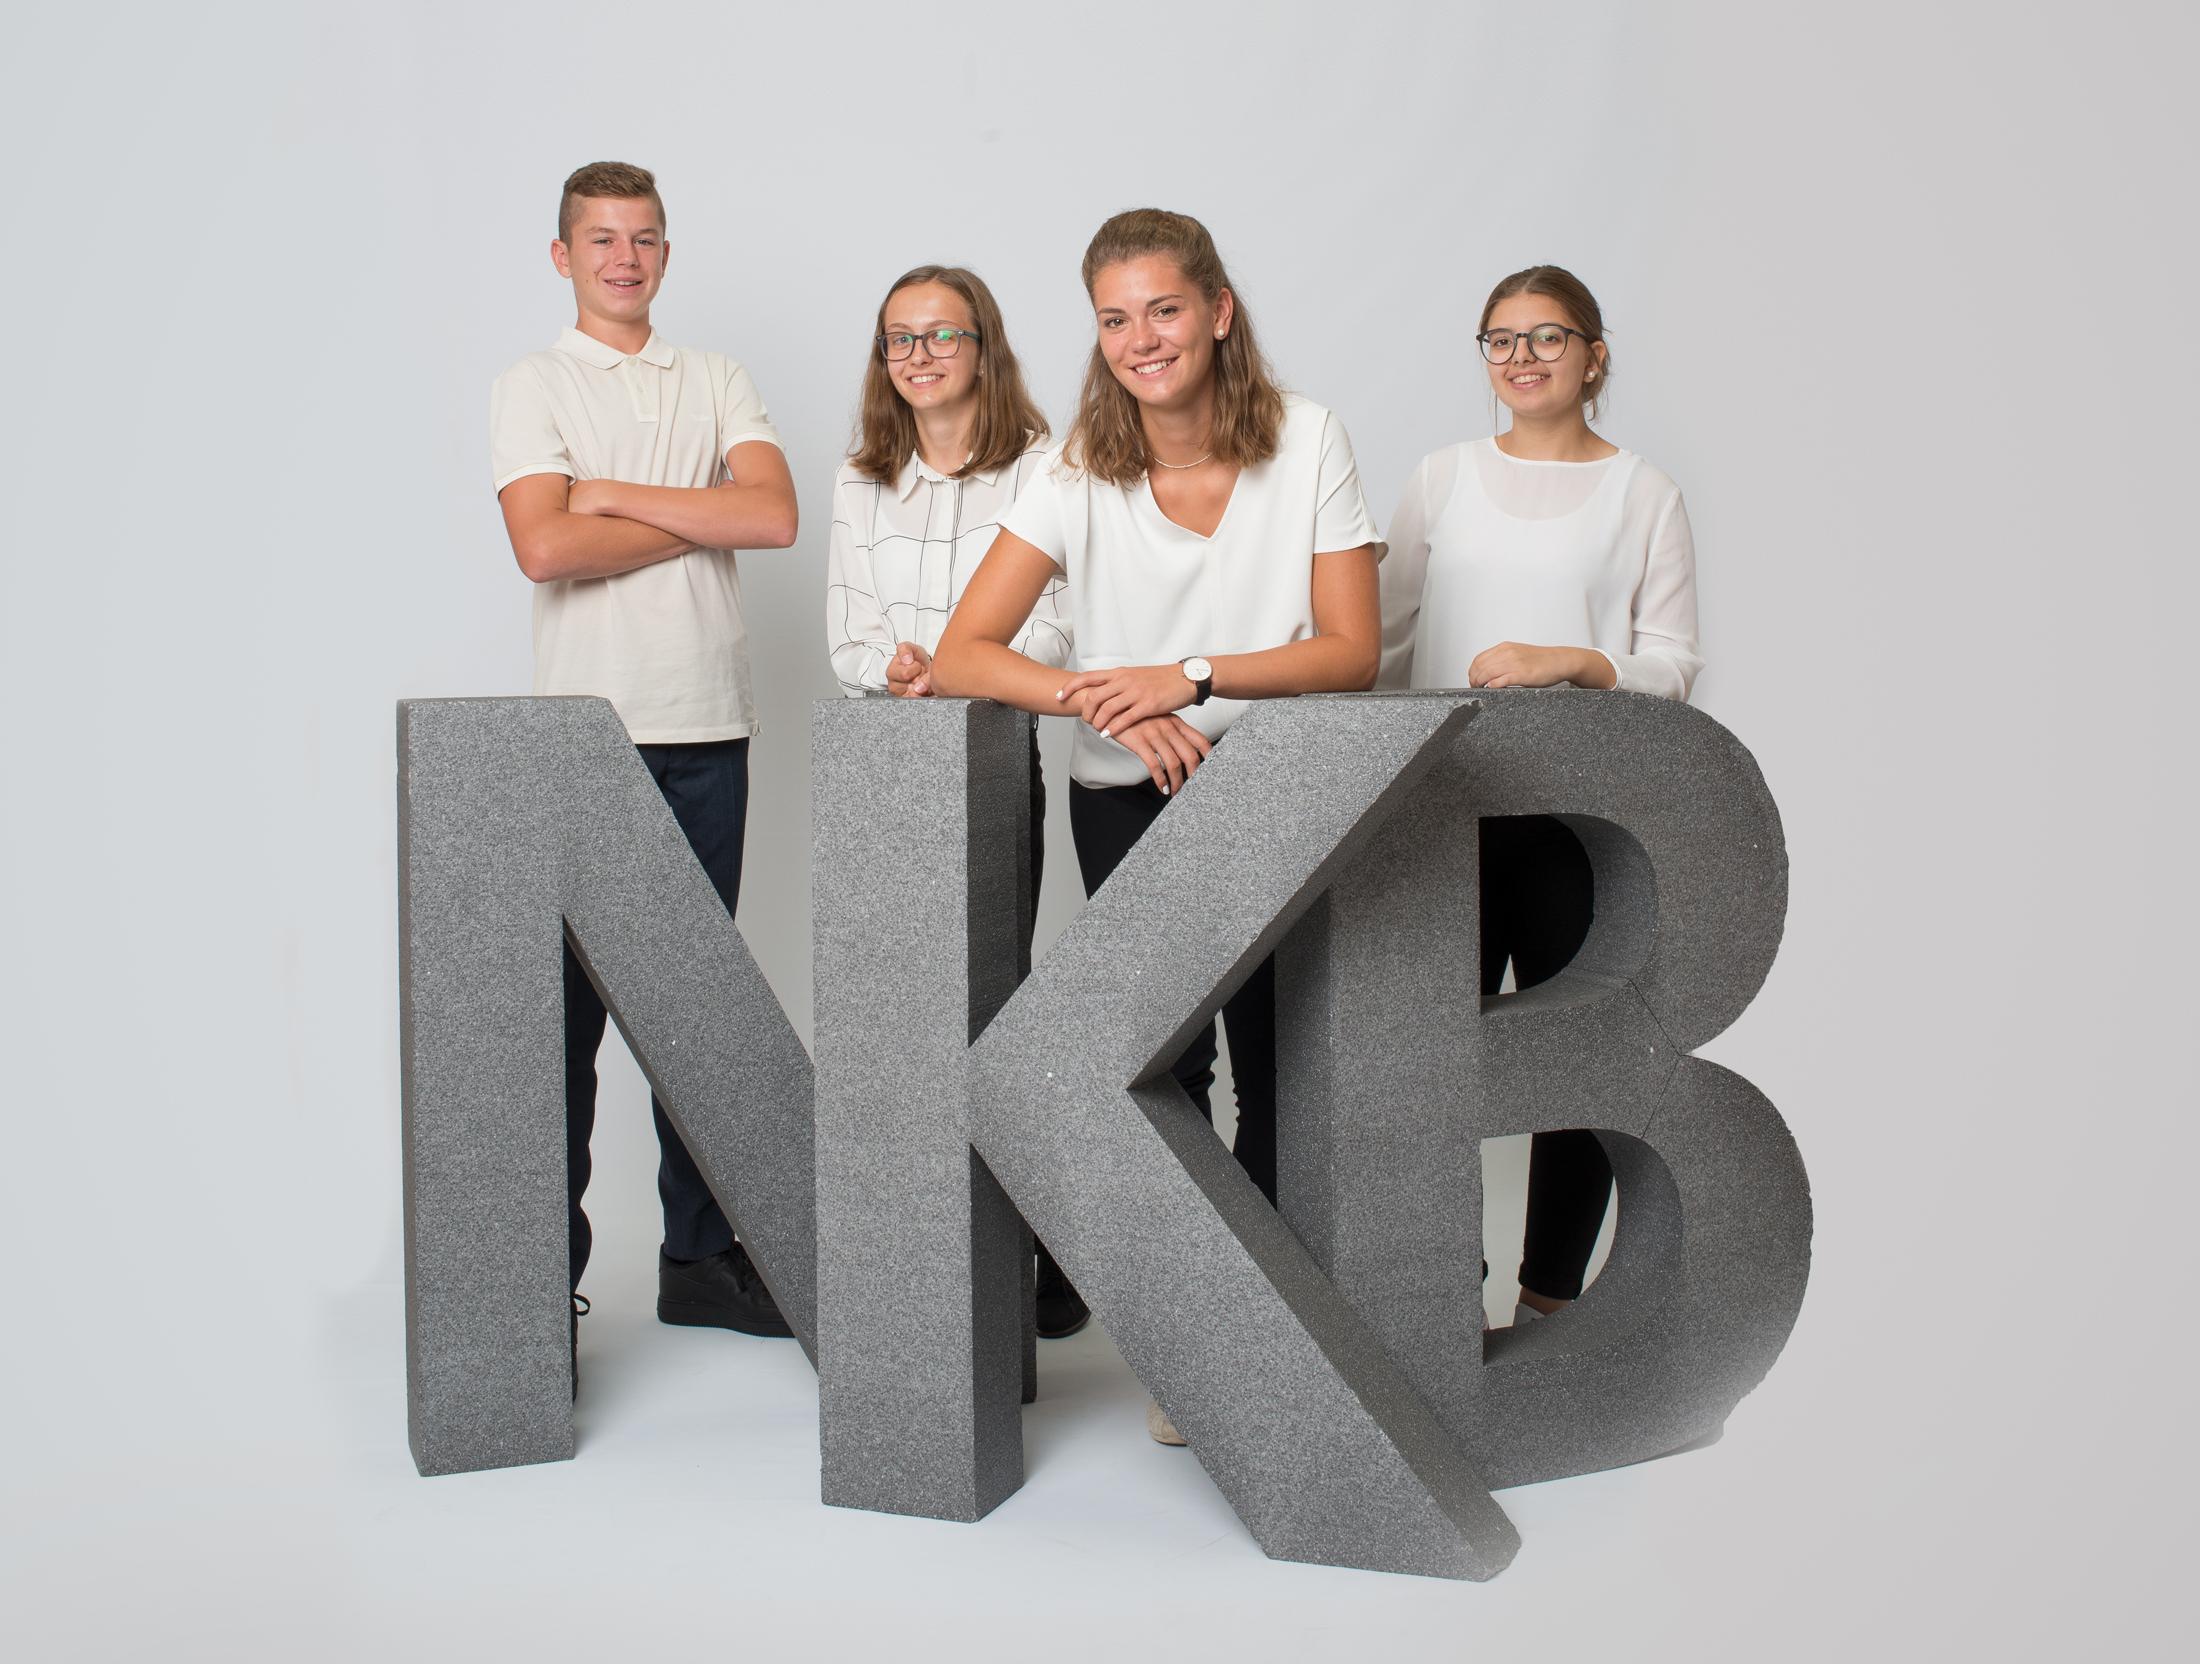 Levin, Sabrina, Jasmin und Melisa haben im August 2018 die Lehre bei der NKB begonnen.